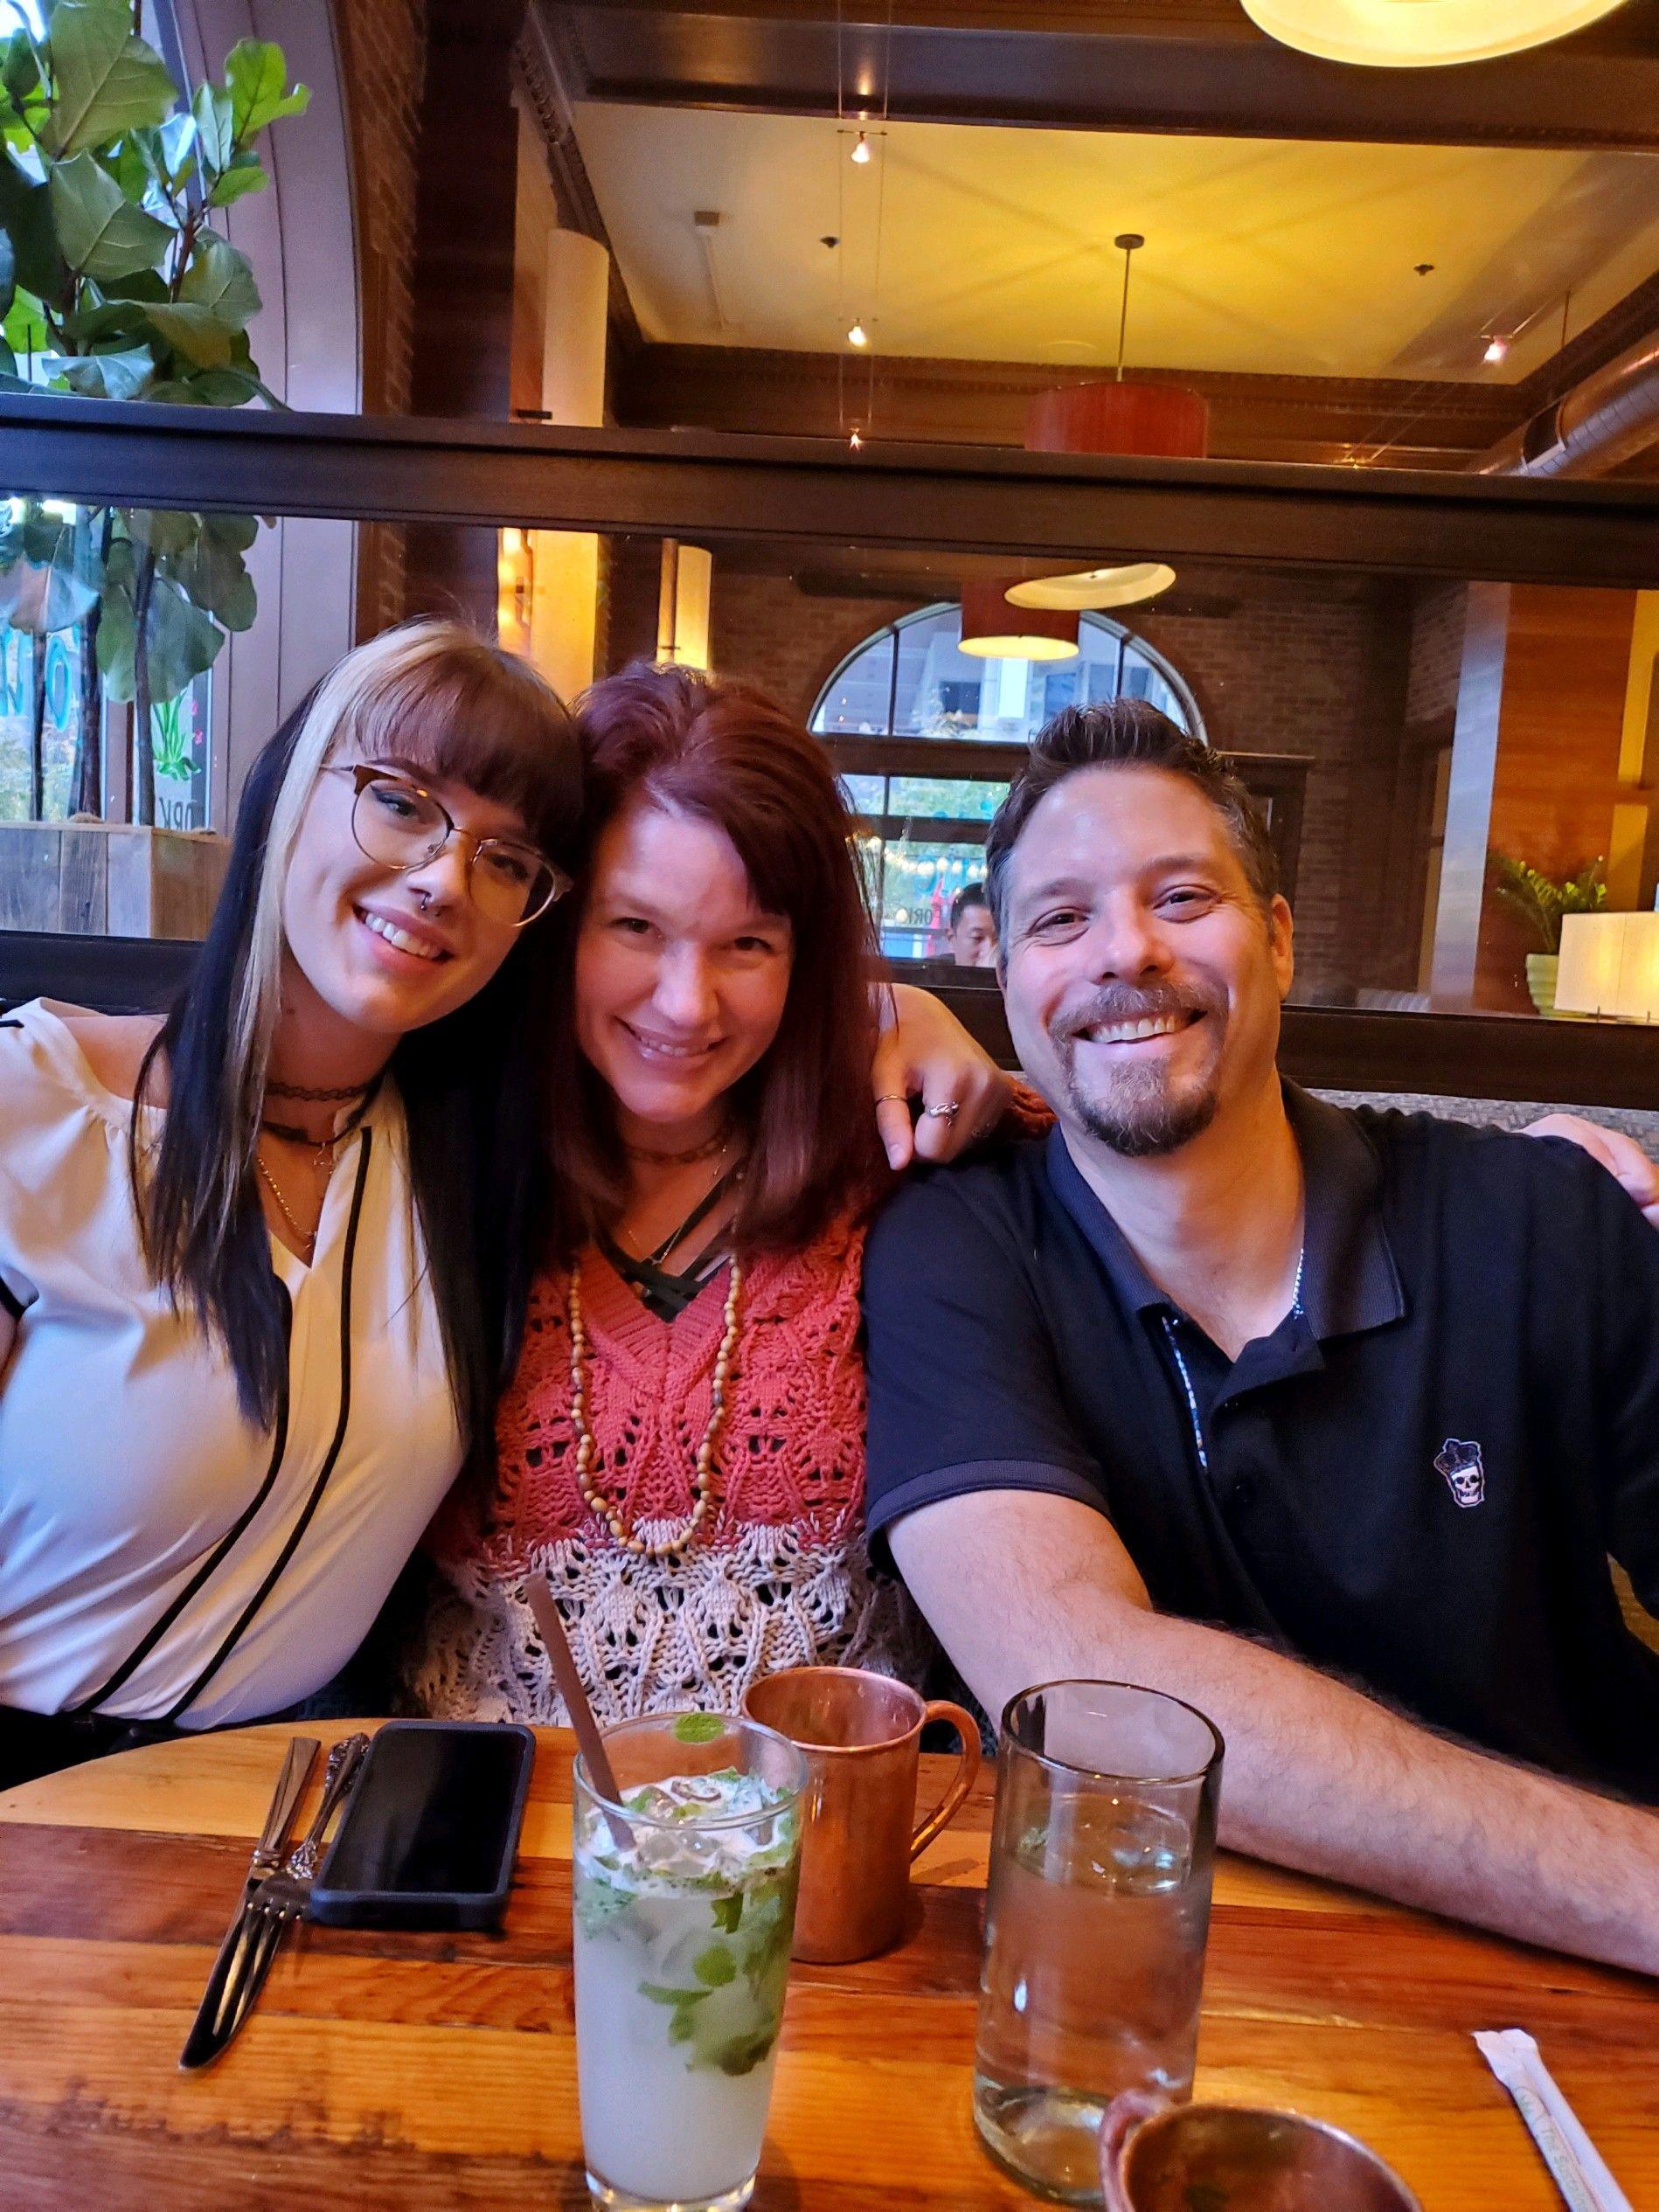 Brandi, Matt, and her daughter, Lexi